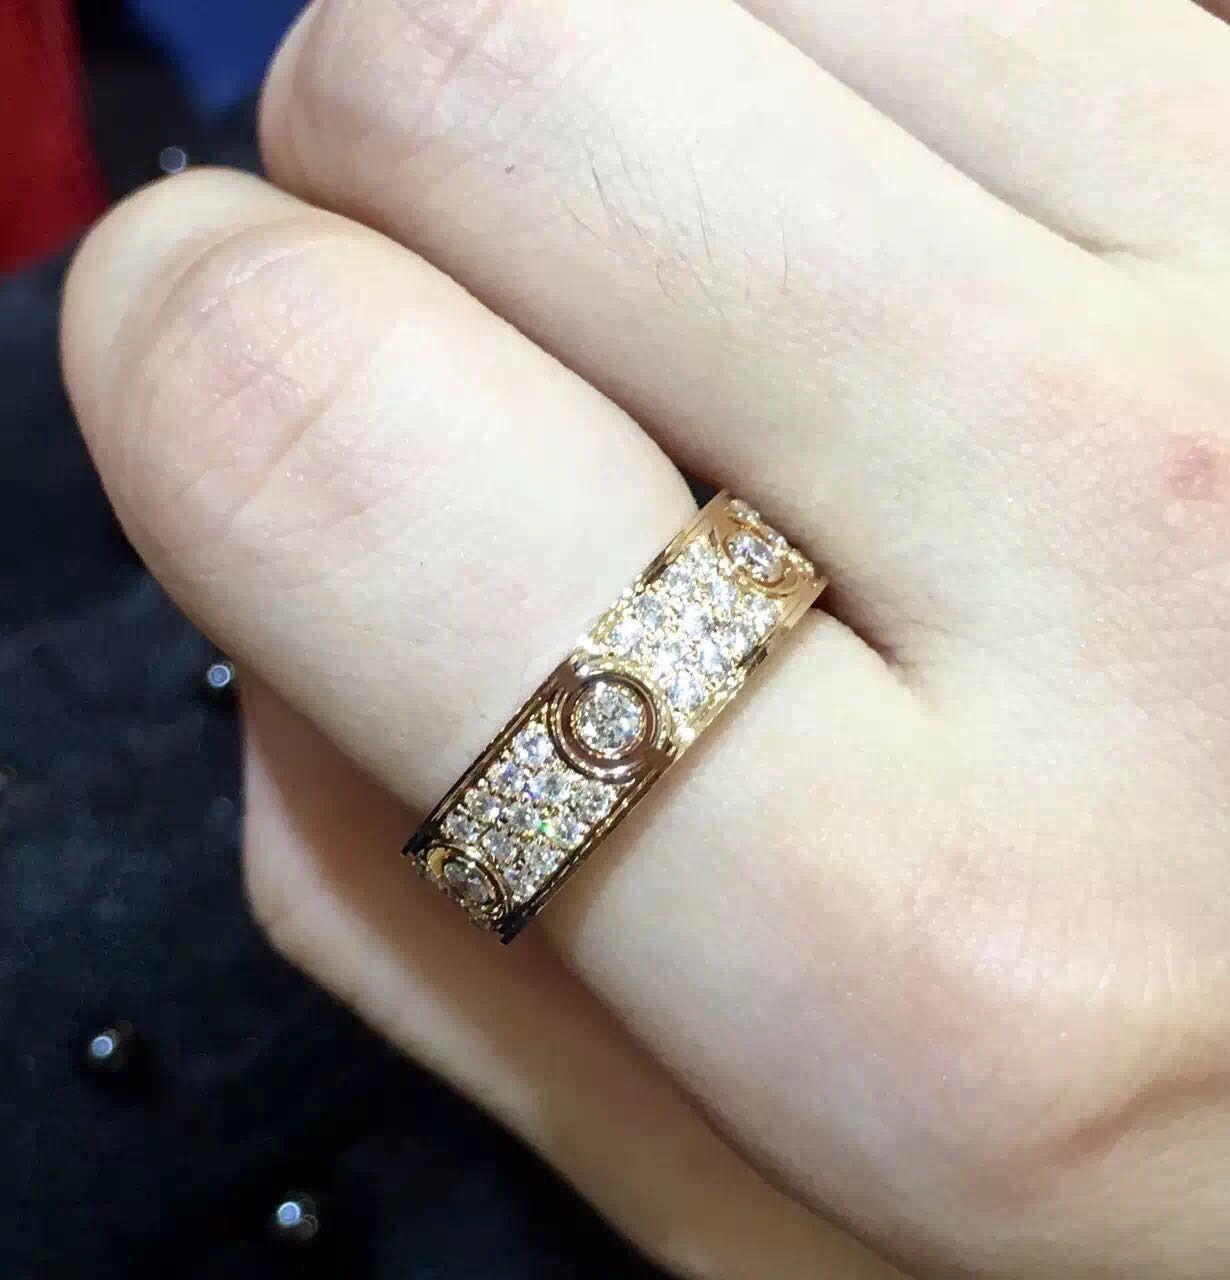 Moda marka gümüş Kadınlar erkekler yüzük için severler çift halka takı altın H aşk halka altın yüzük gül